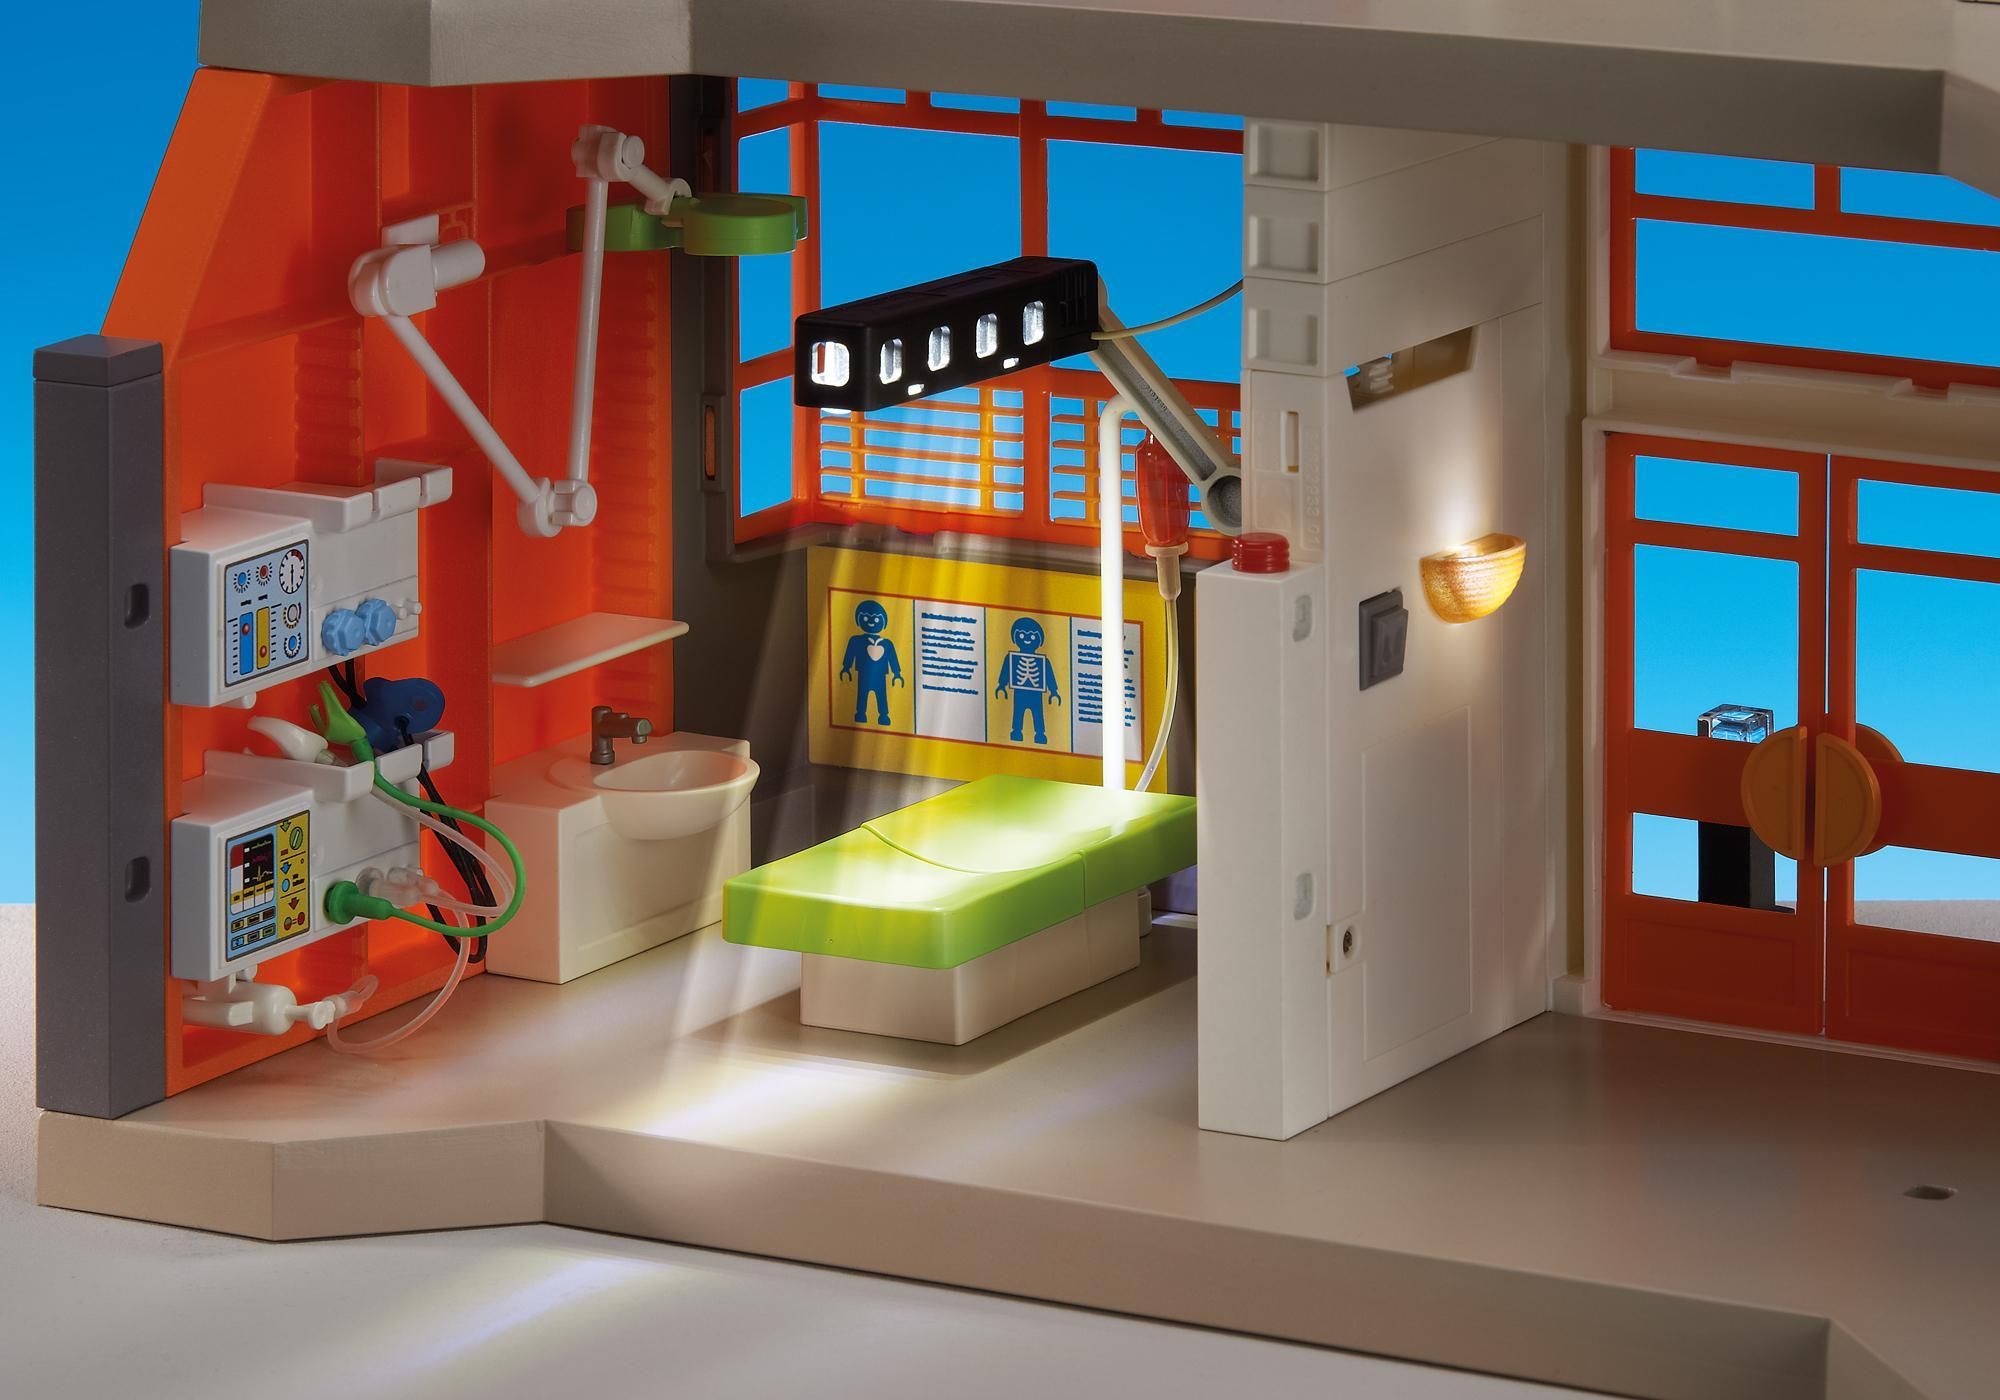 http://media.playmobil.com/i/playmobil/6446_product_extra1/Oświetlenie-Klinika dziecięca